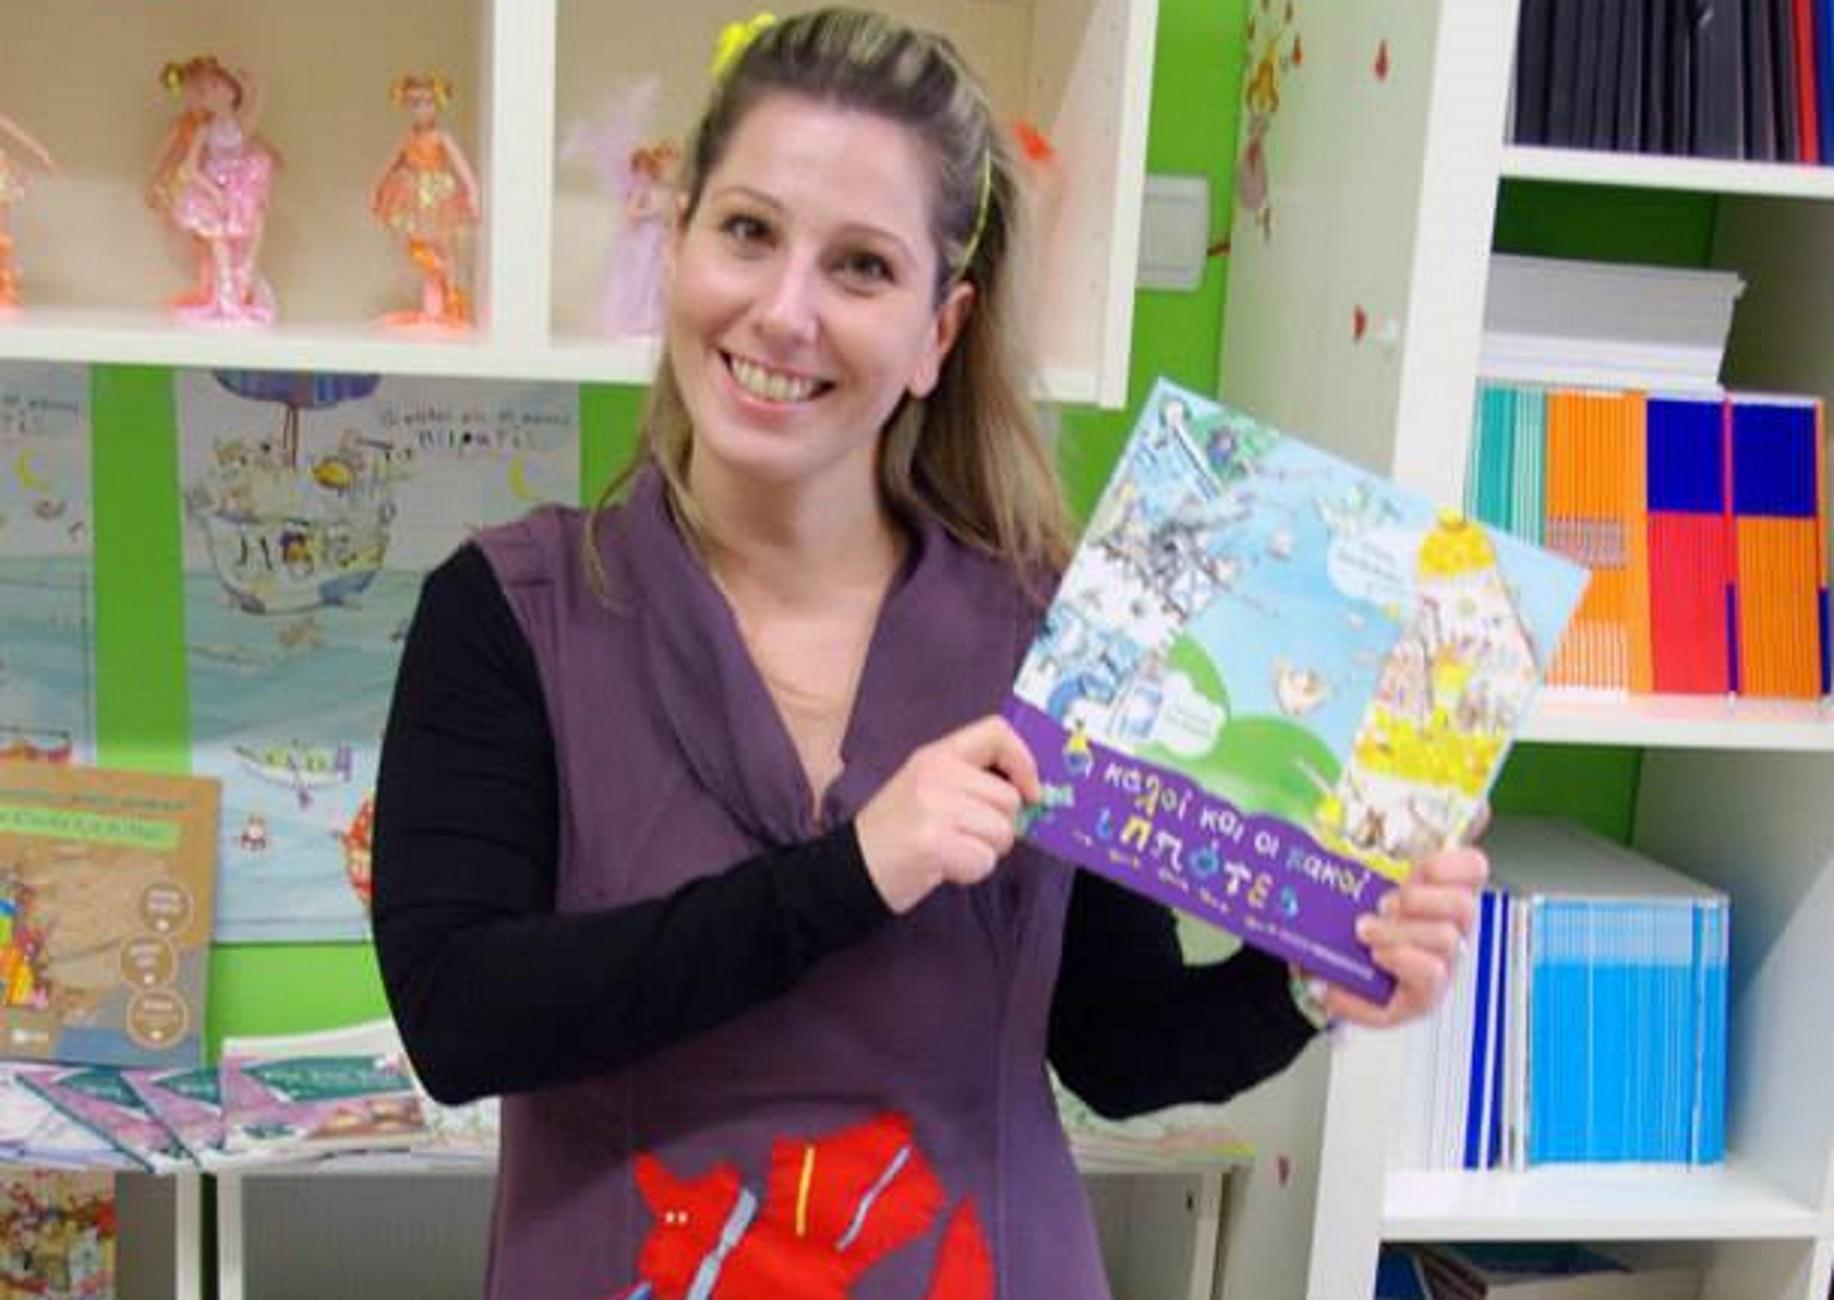 Θάσος: Αυτή είναι η δασκάλα της χρονιάς! H νηπιαγωγός Βίκυ Ξανθοπούλου ετοιμάζει βαλίτσες [pics]